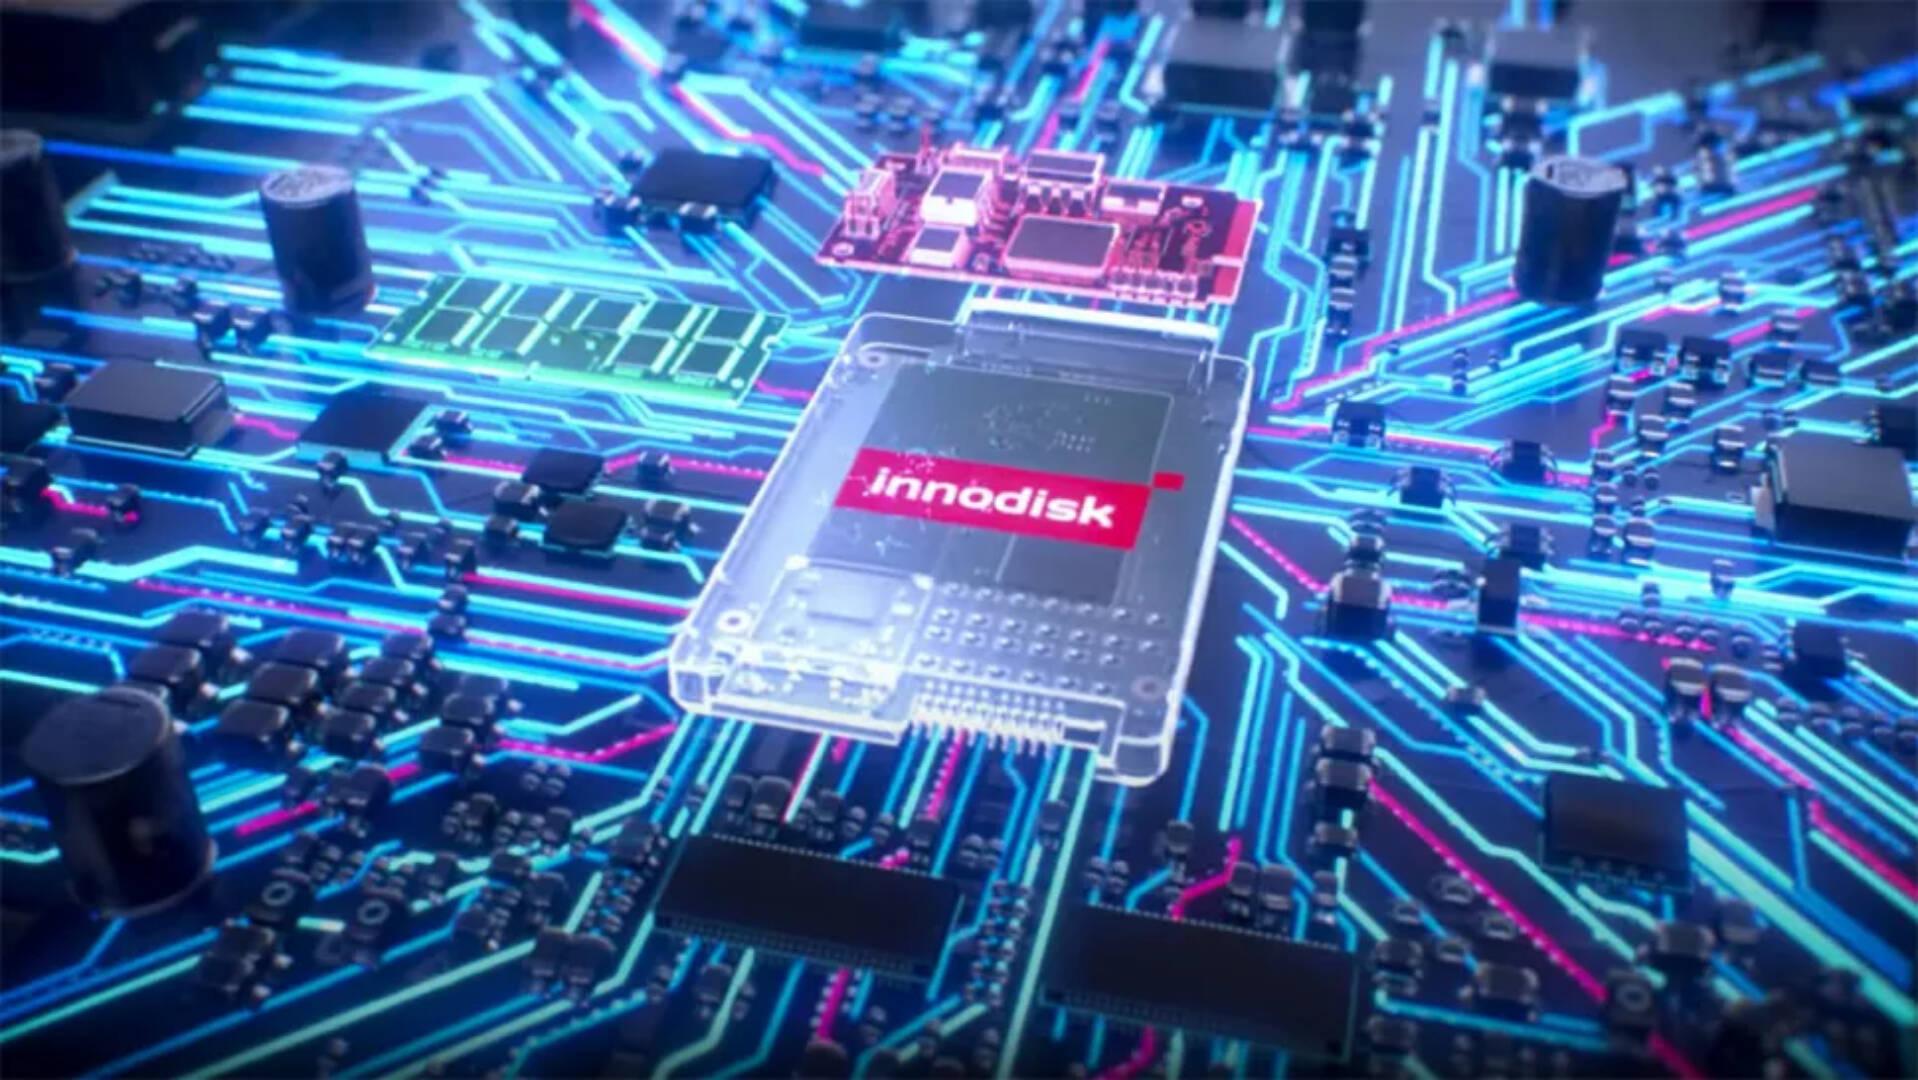 Innodisk DDR5